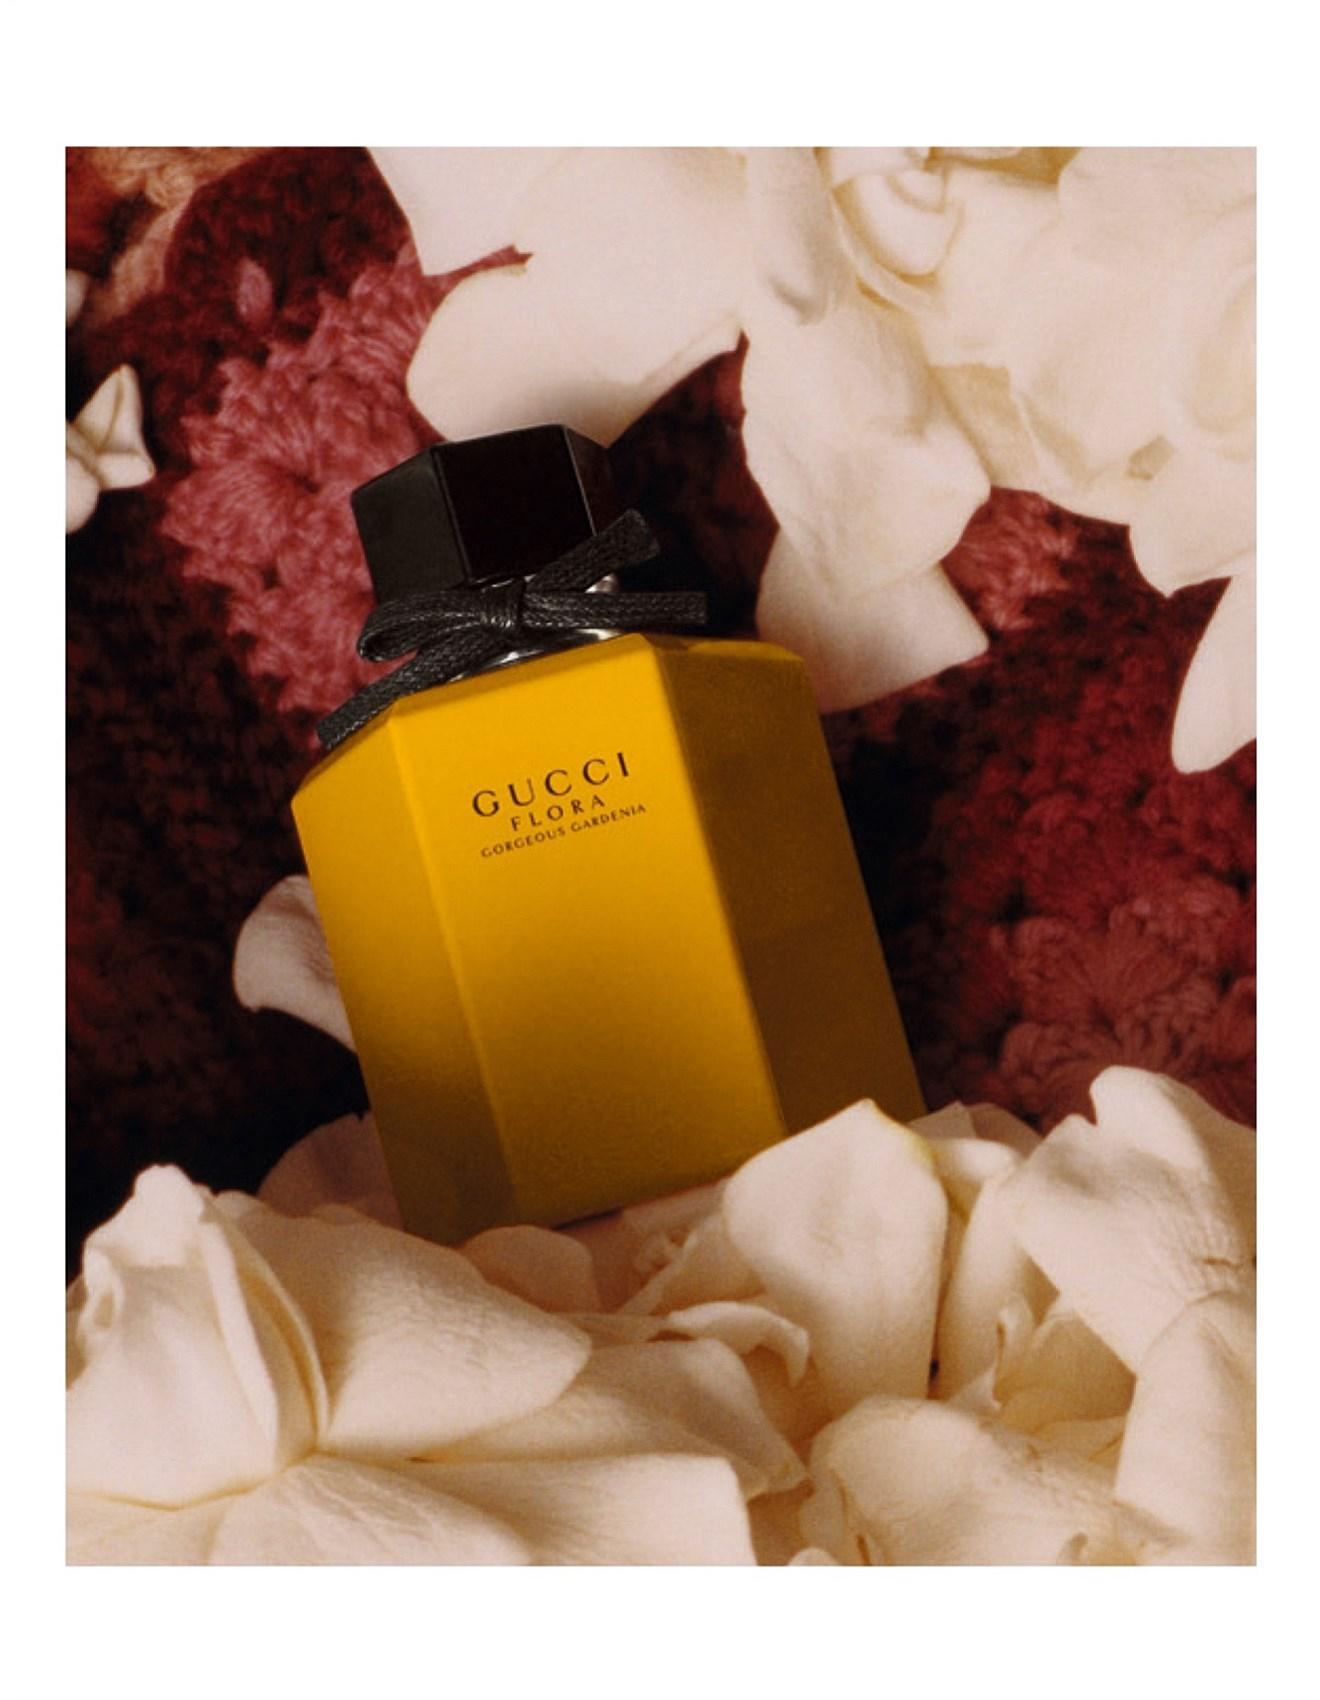 cb382632e70 Fragrances - Gucci Flora Gorgeous Gardenia 50ml eau de toilette